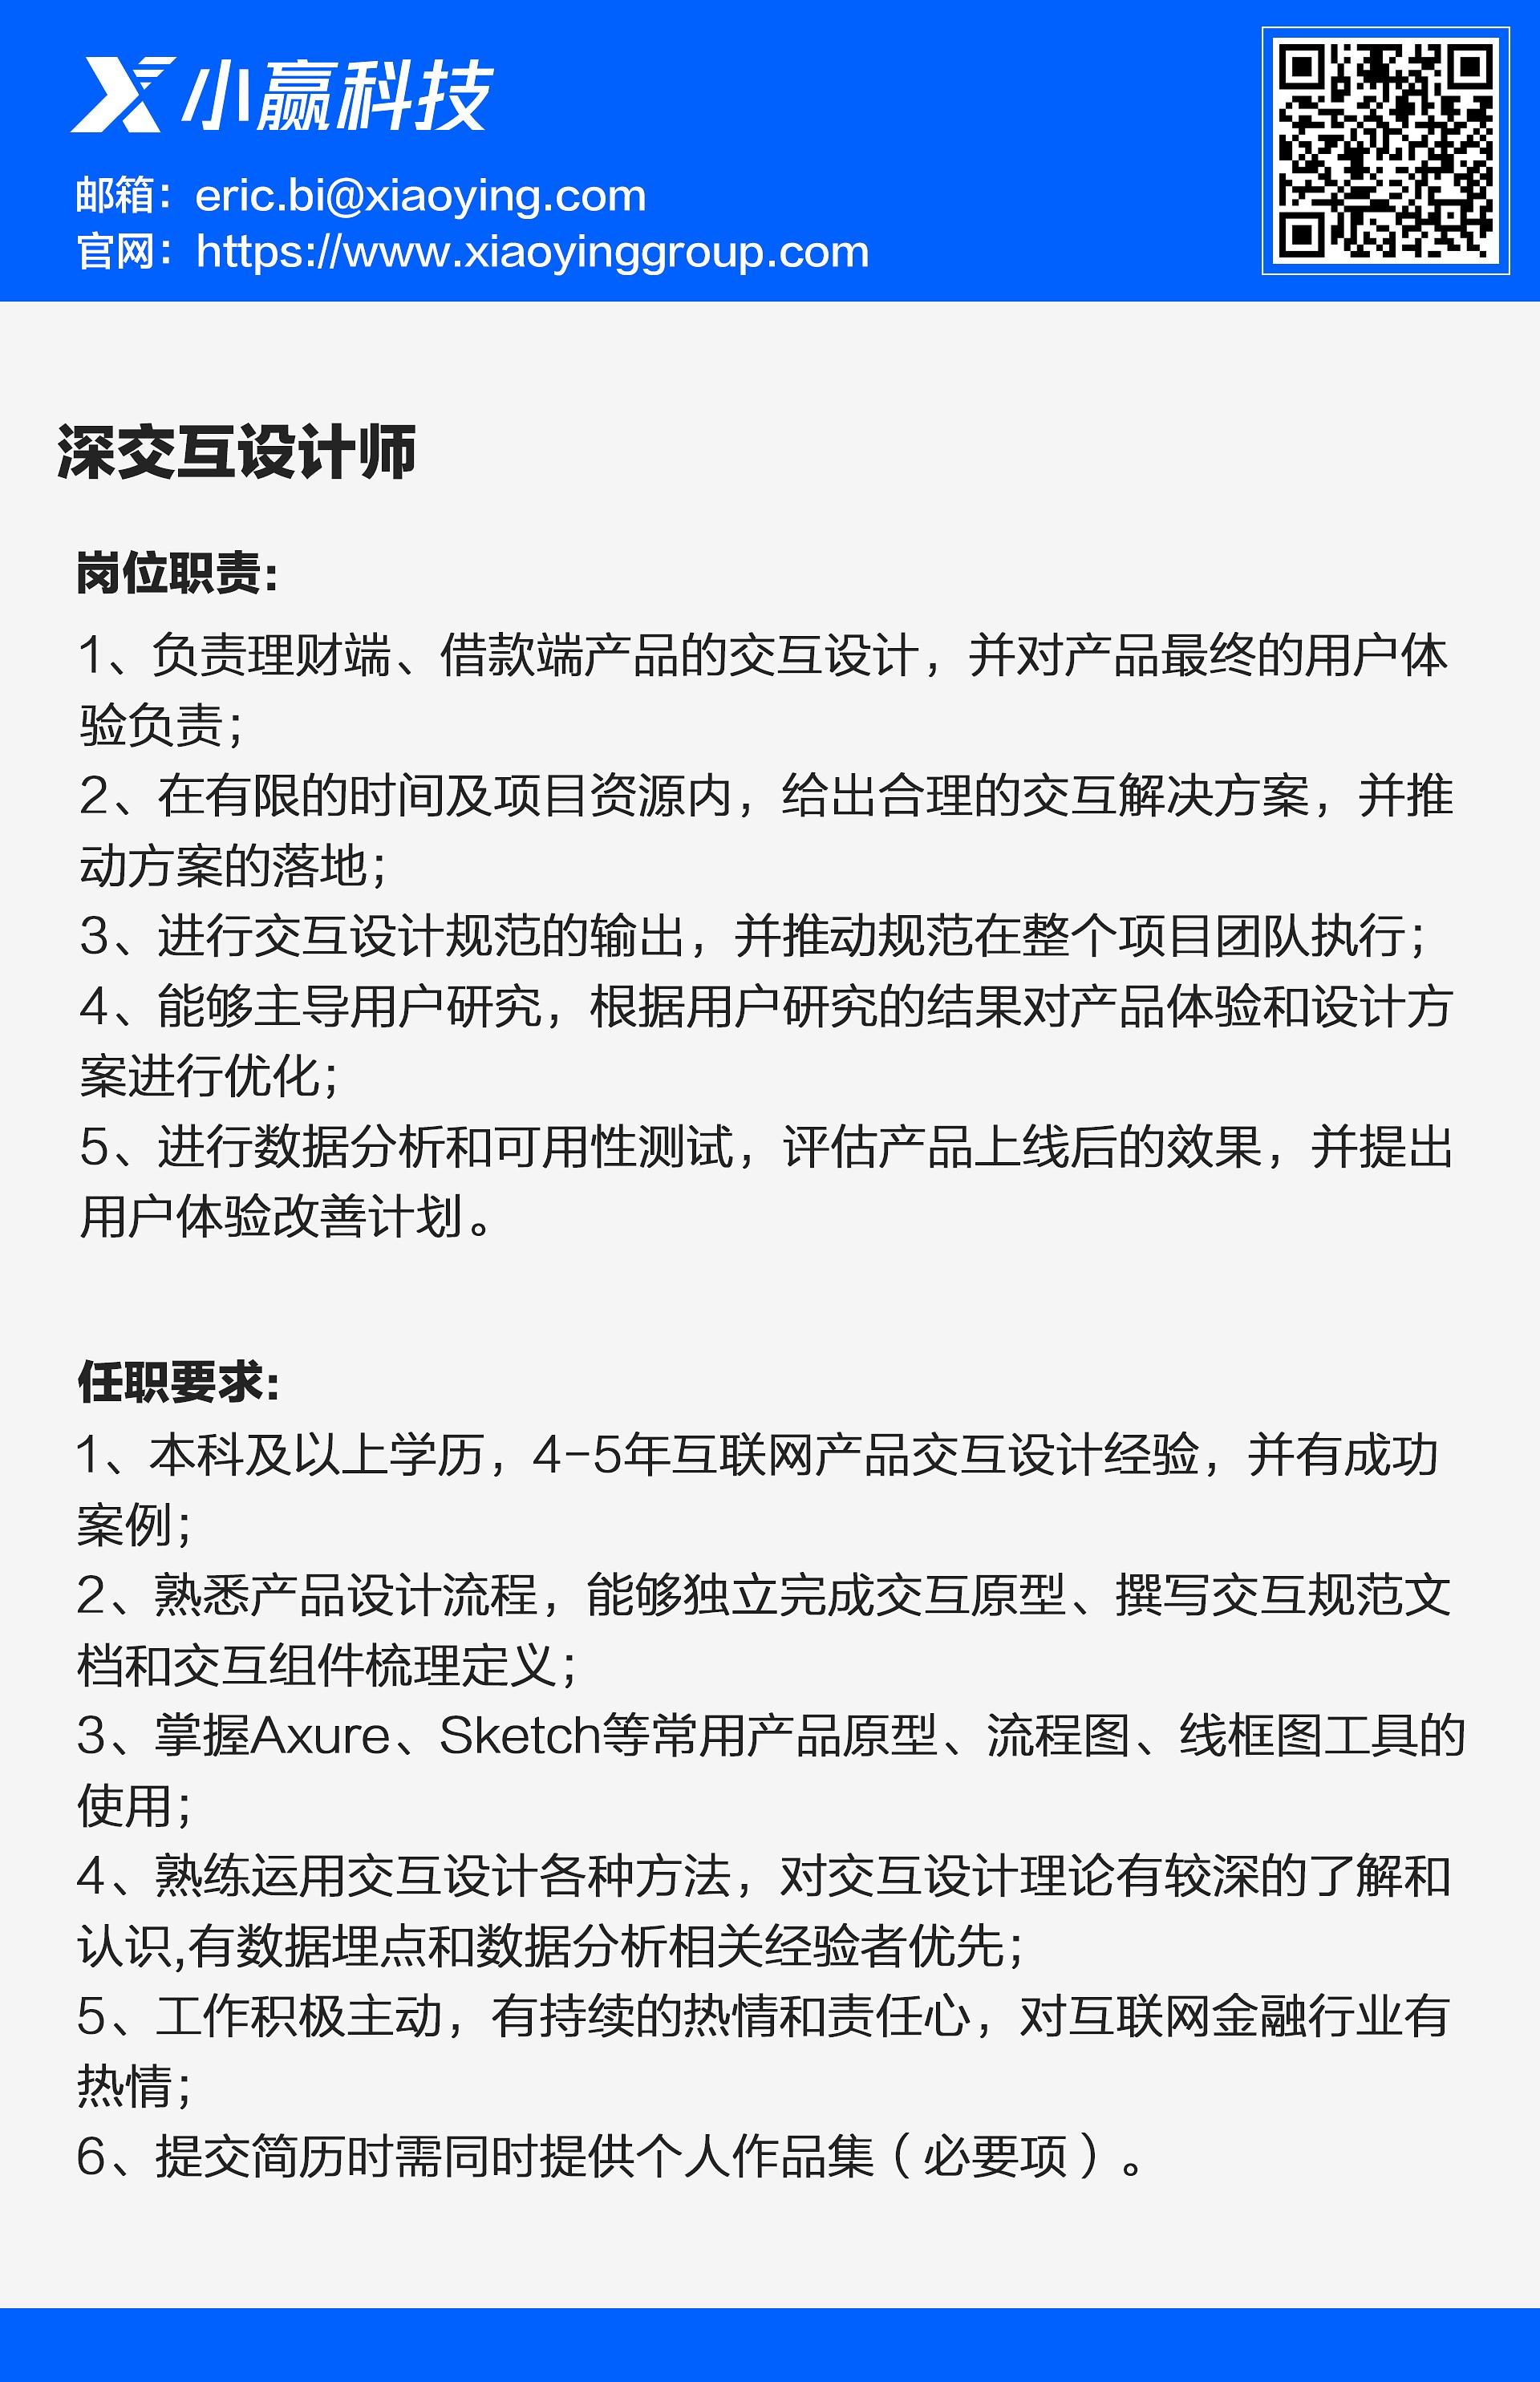 官网招聘模版小赢.jpg